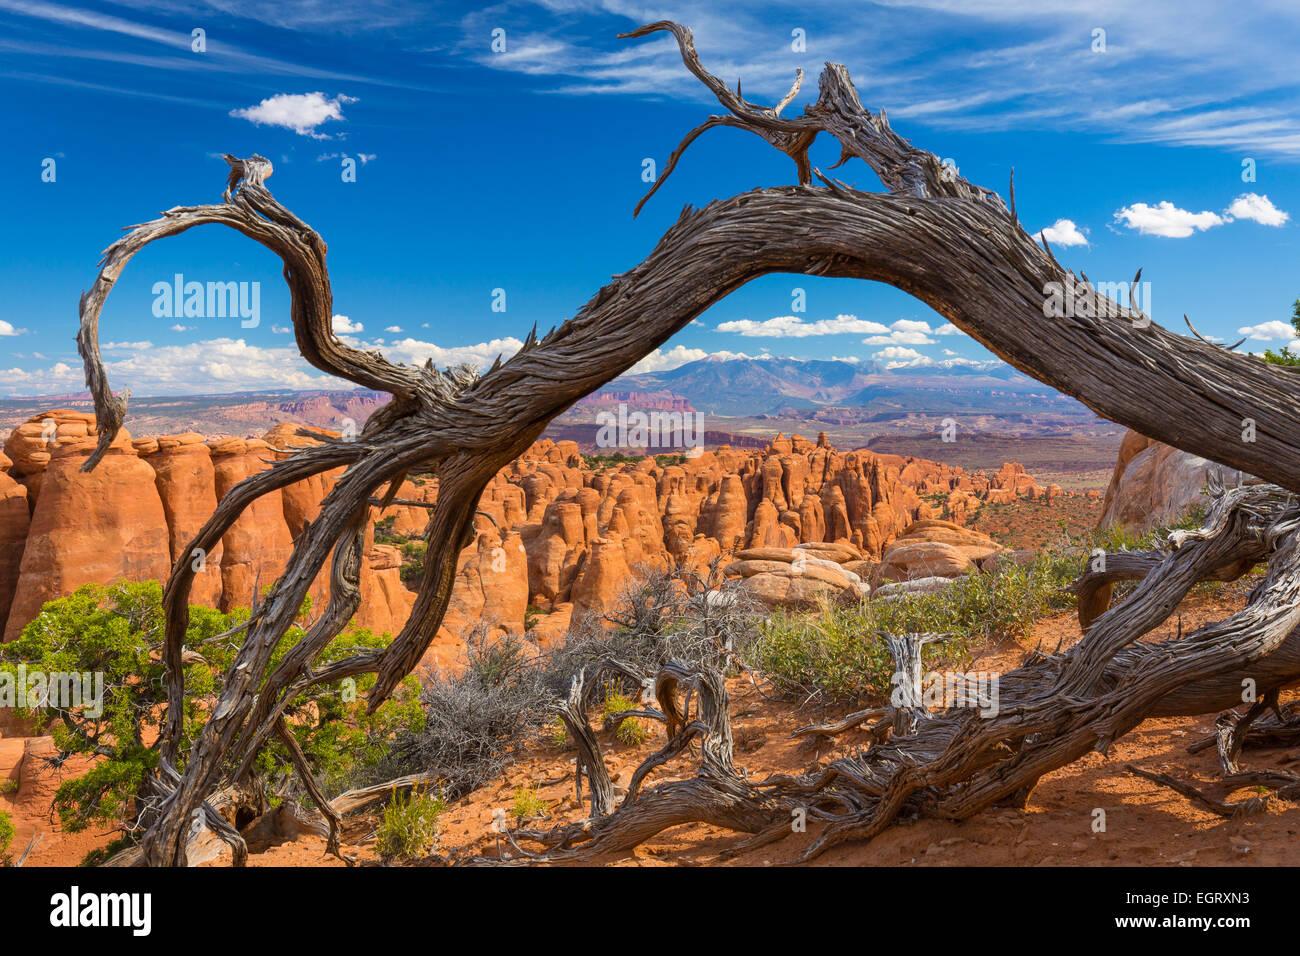 La fournaise ardente est une collection d'étroits canyons de grès dans le parc national Arches dans Photo Stock